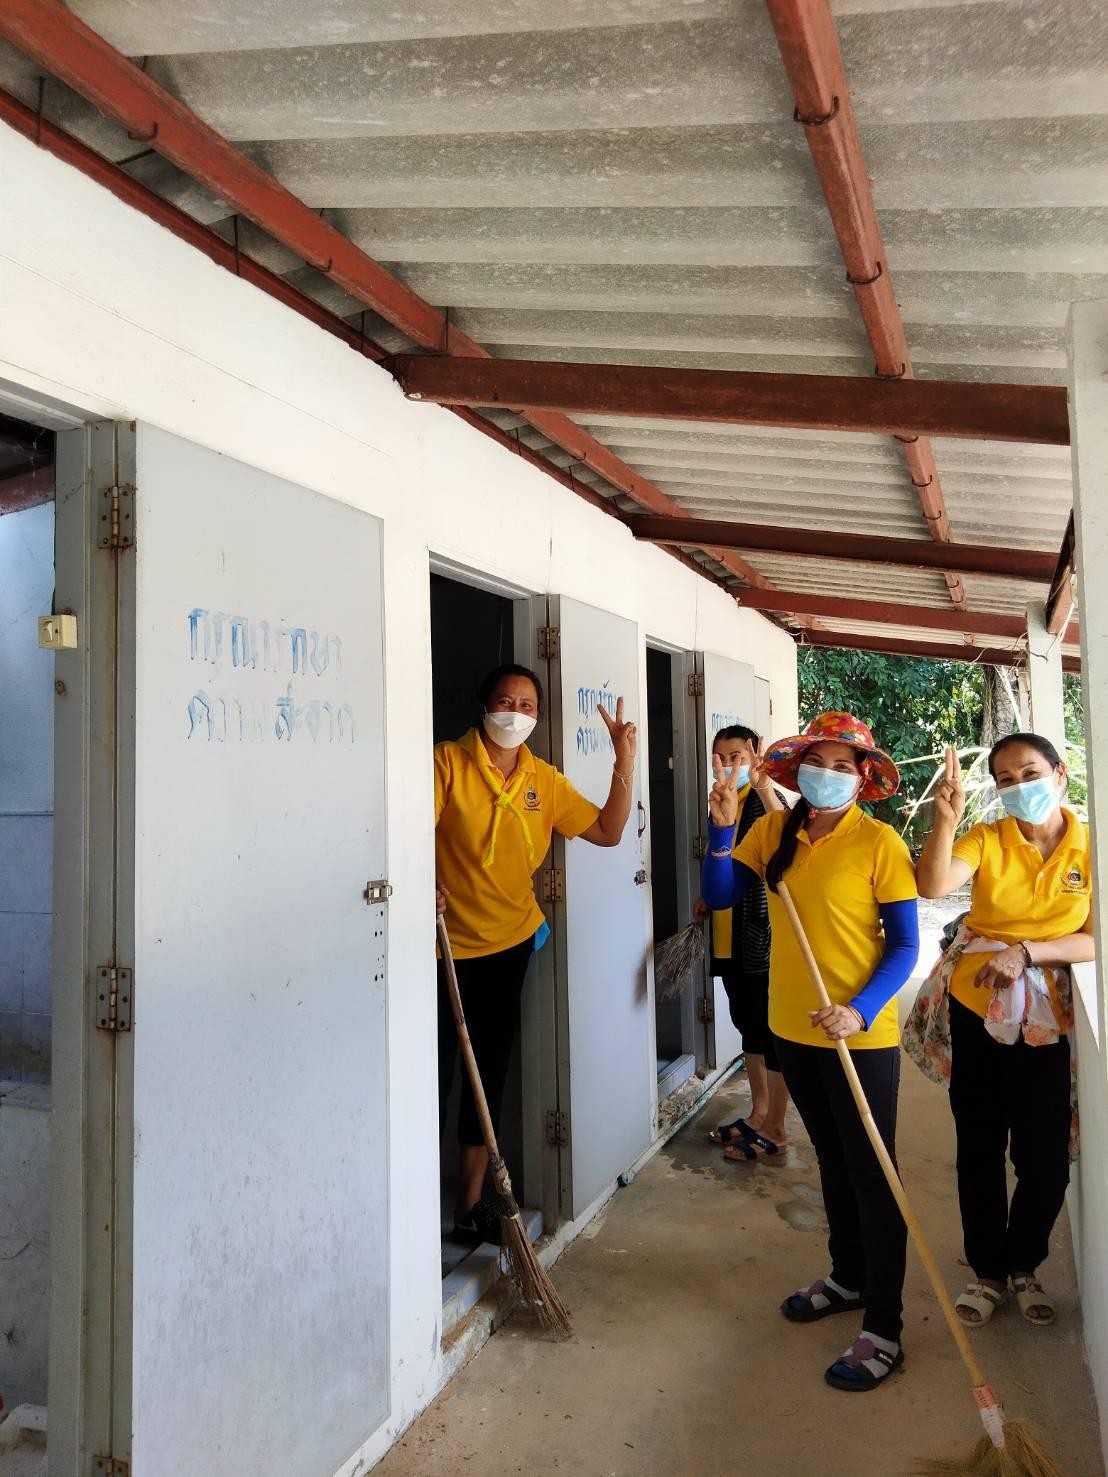 วันที่ 18 ก.ค 2564 ร่วมกันพัฒนาสถานพักเพื่อกักตัวผู้ที่เดินทางมาจากต่างจังหวัดที่วัดอุดมไพรสัณฑ์ บ้านป่าเพิ่ม หมู่ 11